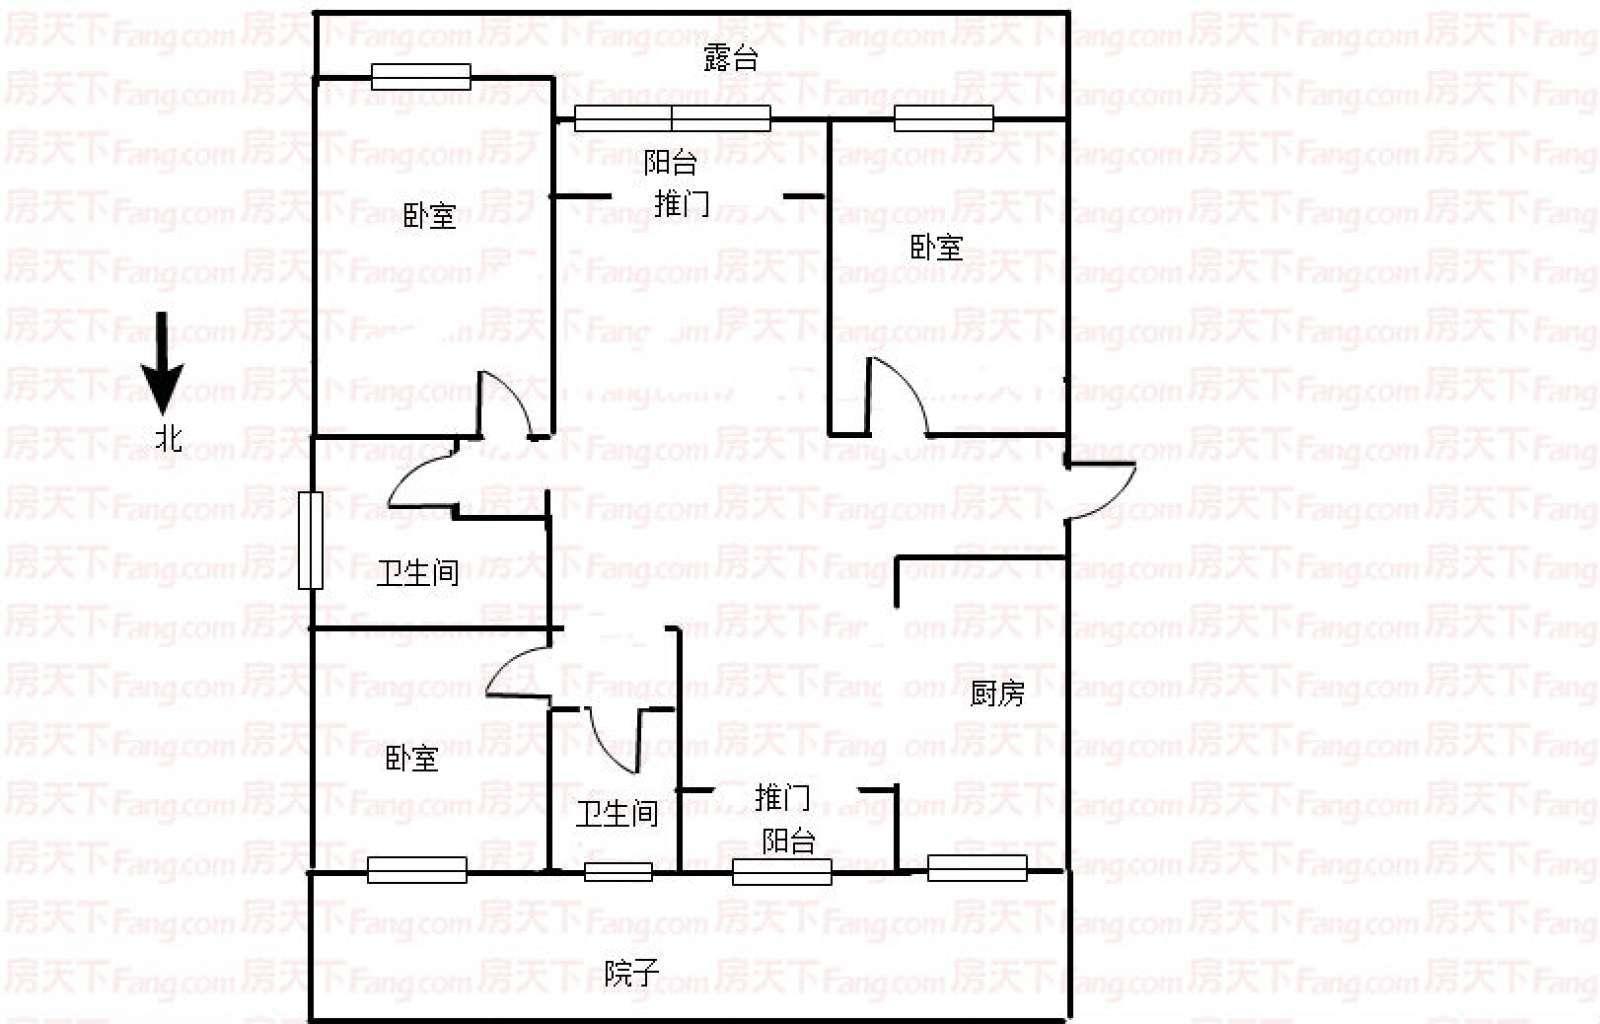 阳光福邸 3室2厅135.46㎡